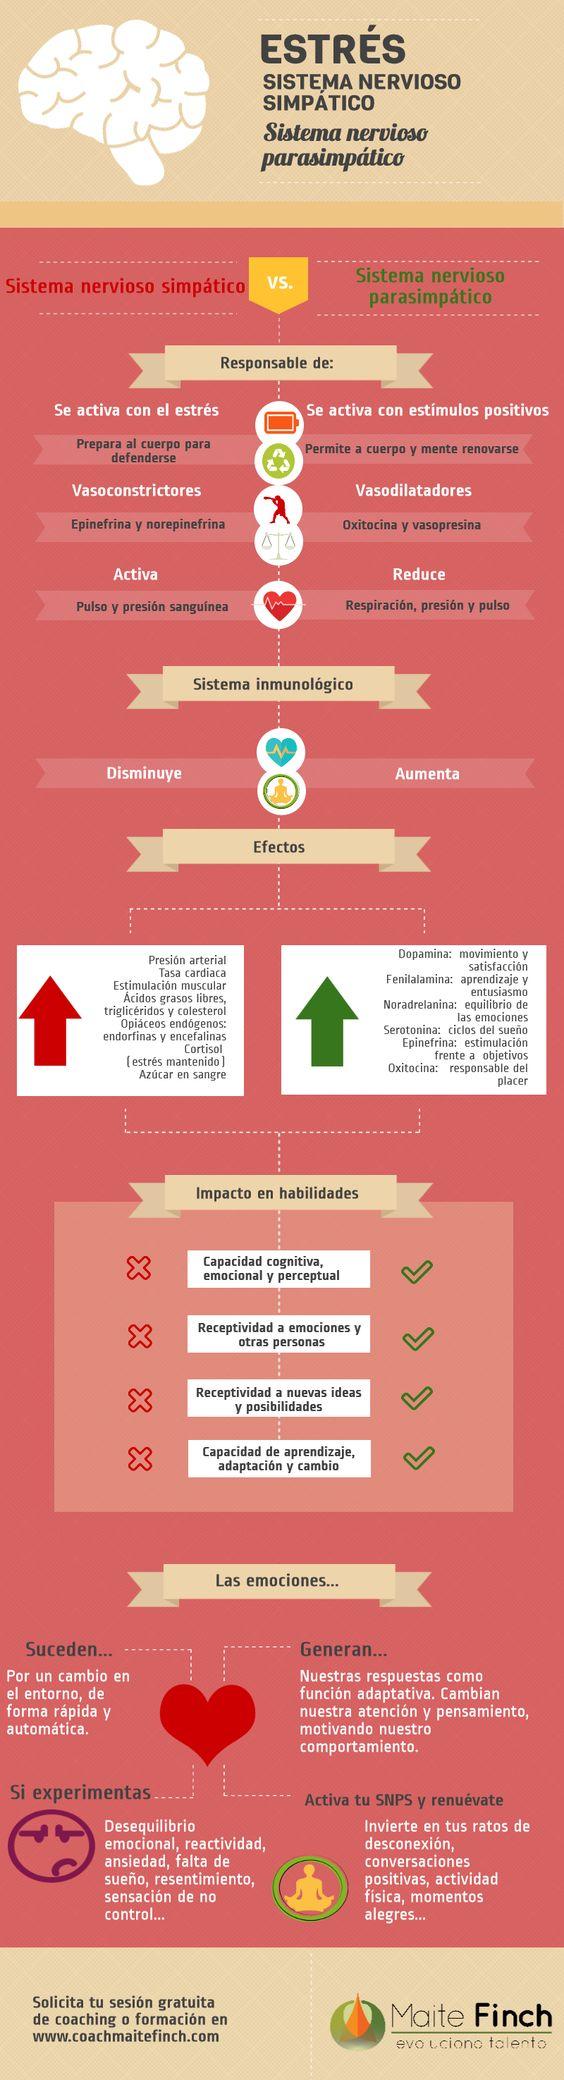 Infografía estrés